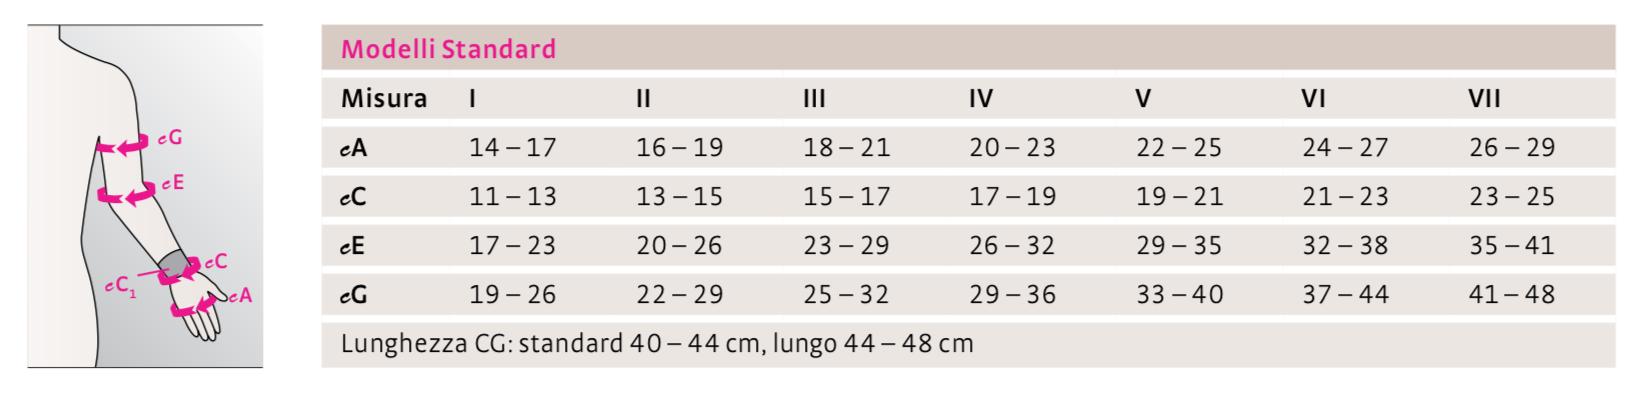 mediven® bracciale harmony - Bracciale con palmare - Bracciale compressivo terapeutico